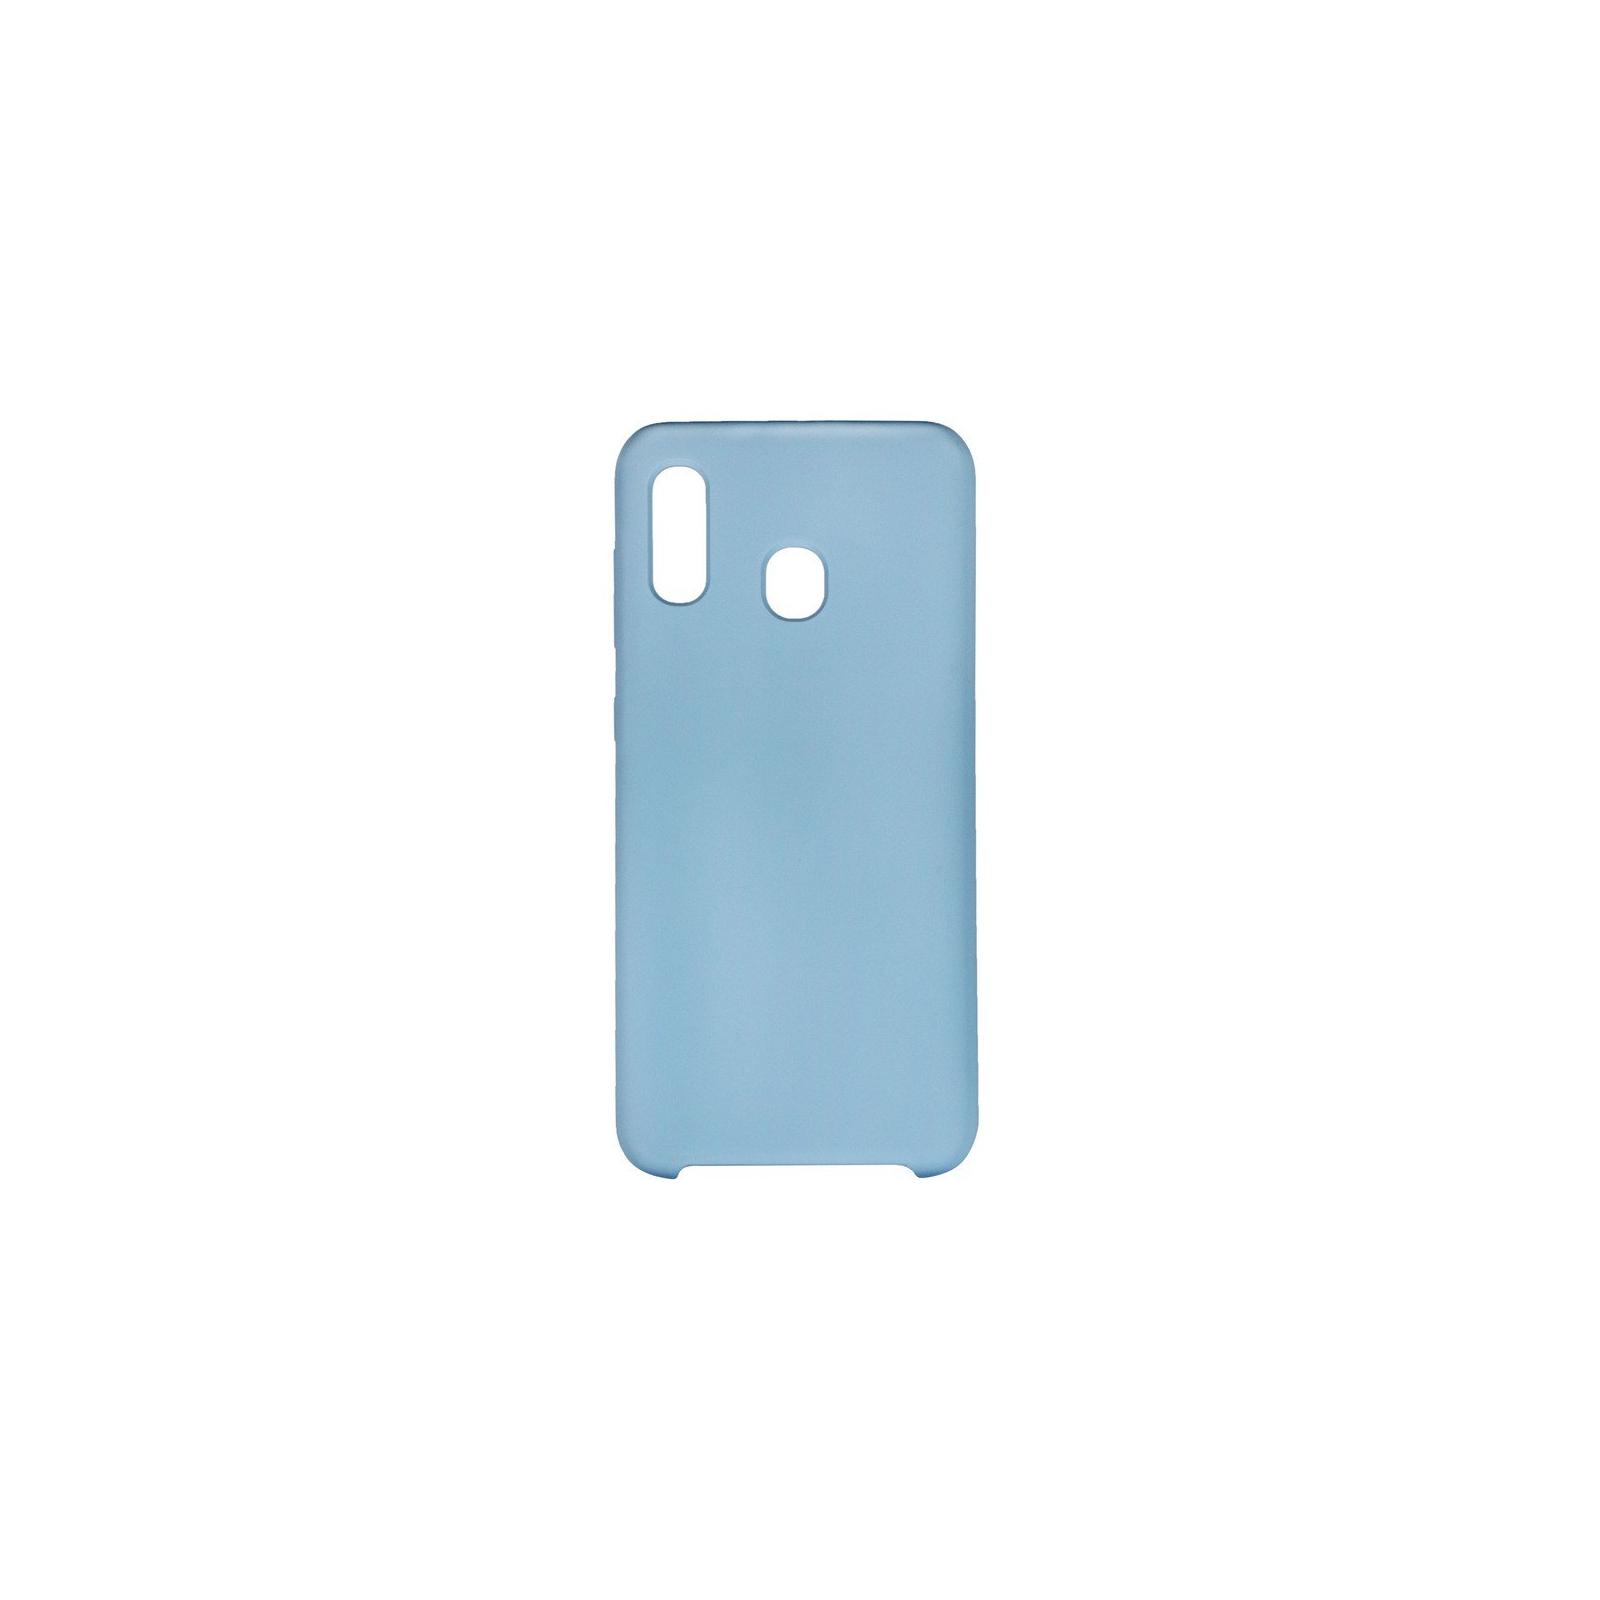 Чехол для моб. телефона ColorWay ColorWay Liquid Silicone для Samsung Galaxy A30 Red (CW-CLSSGA305-RD)